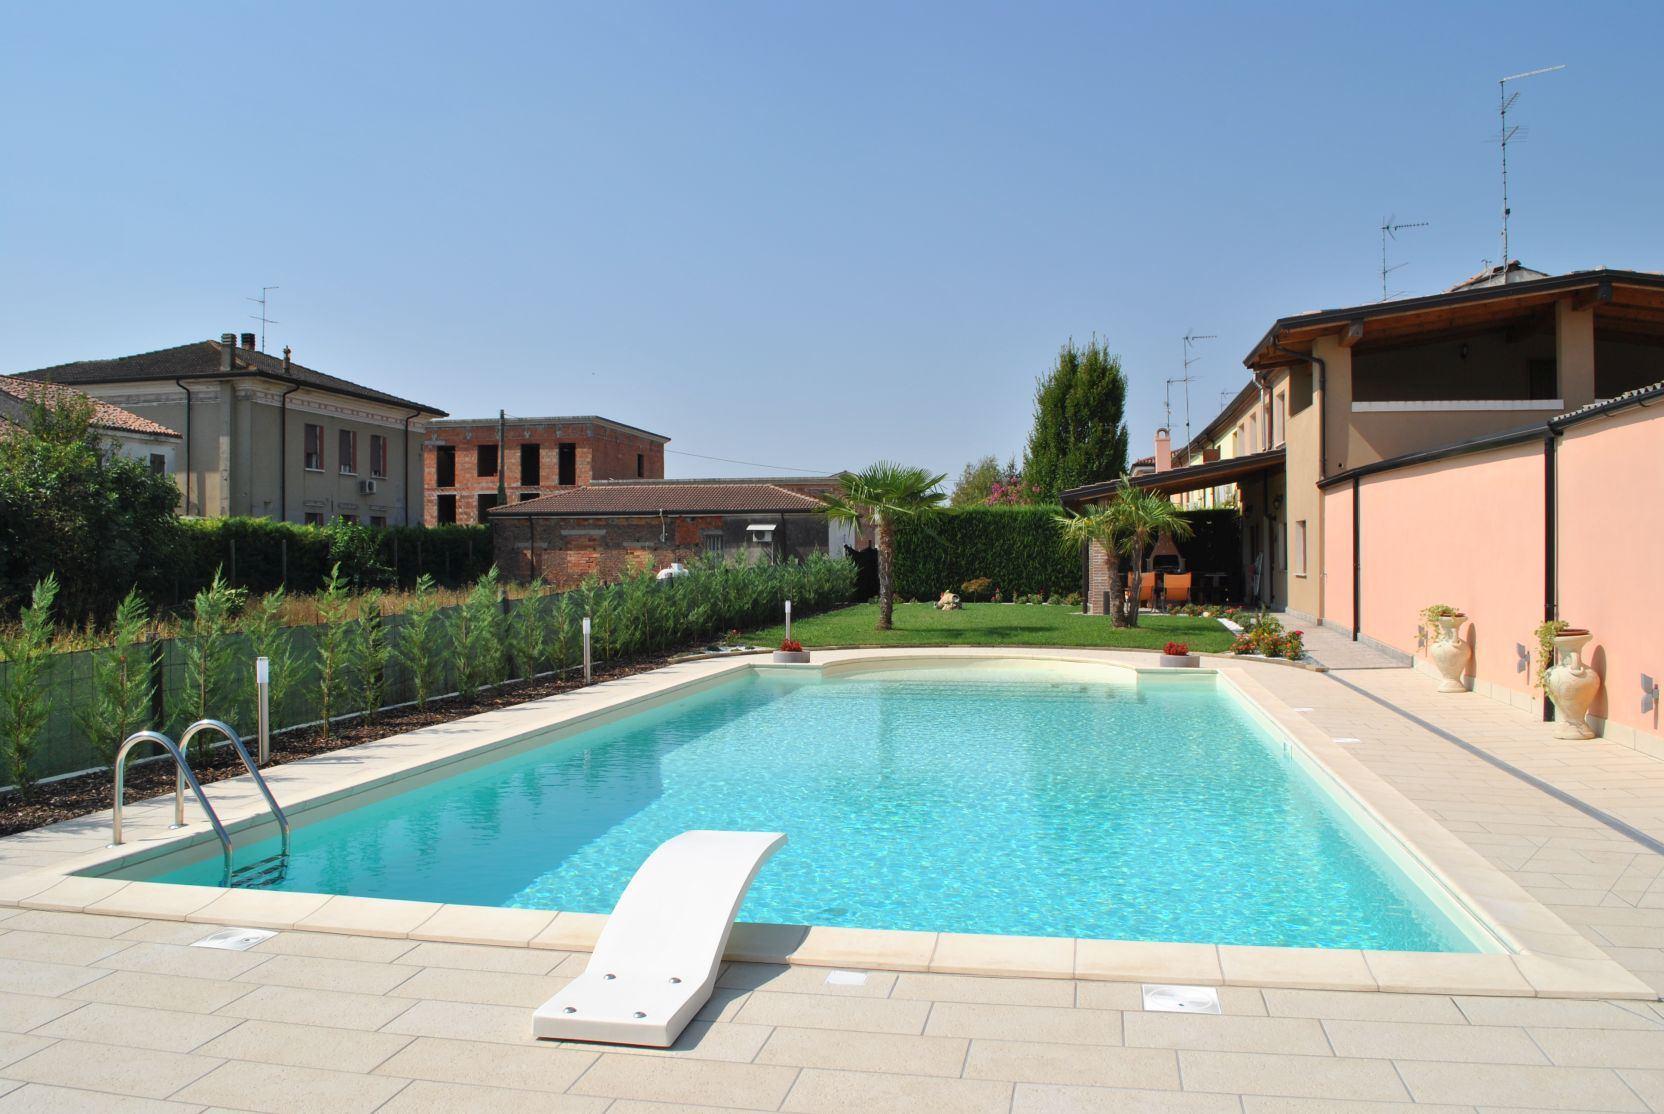 Villimpenta 5 casareggio piscine piscine piscine - Piscina mantova ...